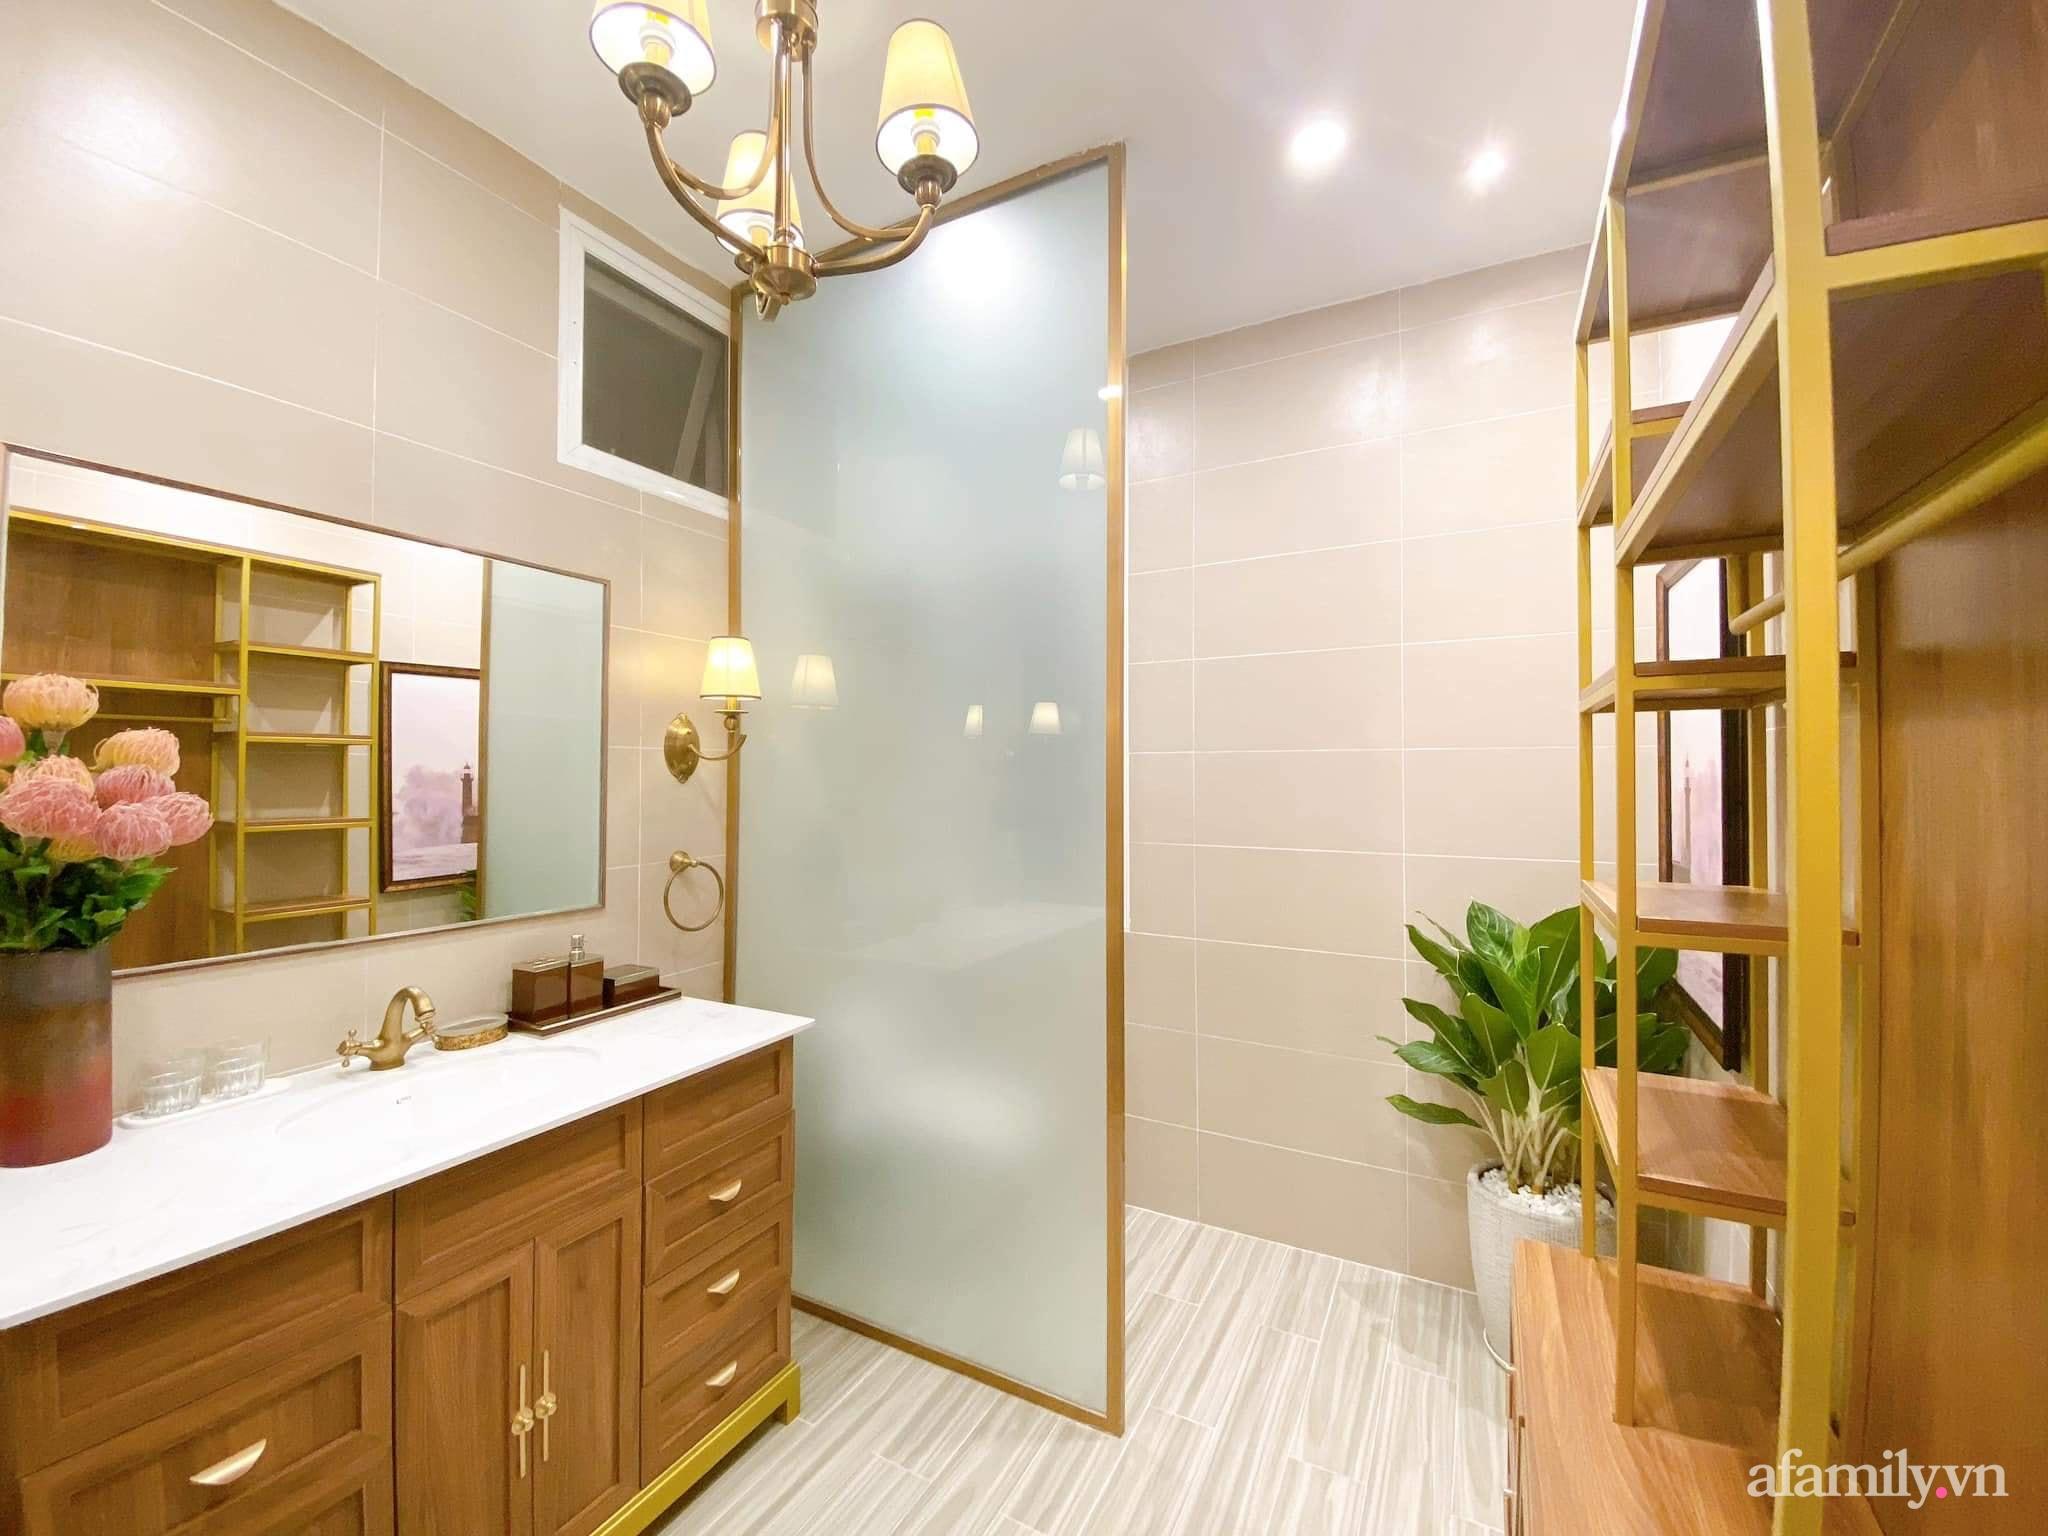 Lột xác phòng ngủ cũ kỹ thành không gian đẳng cấp 5 sao dành cho cặp vợ chồng U70 chỉ trong 2 tuần ở Sài Gòn - Ảnh 21.